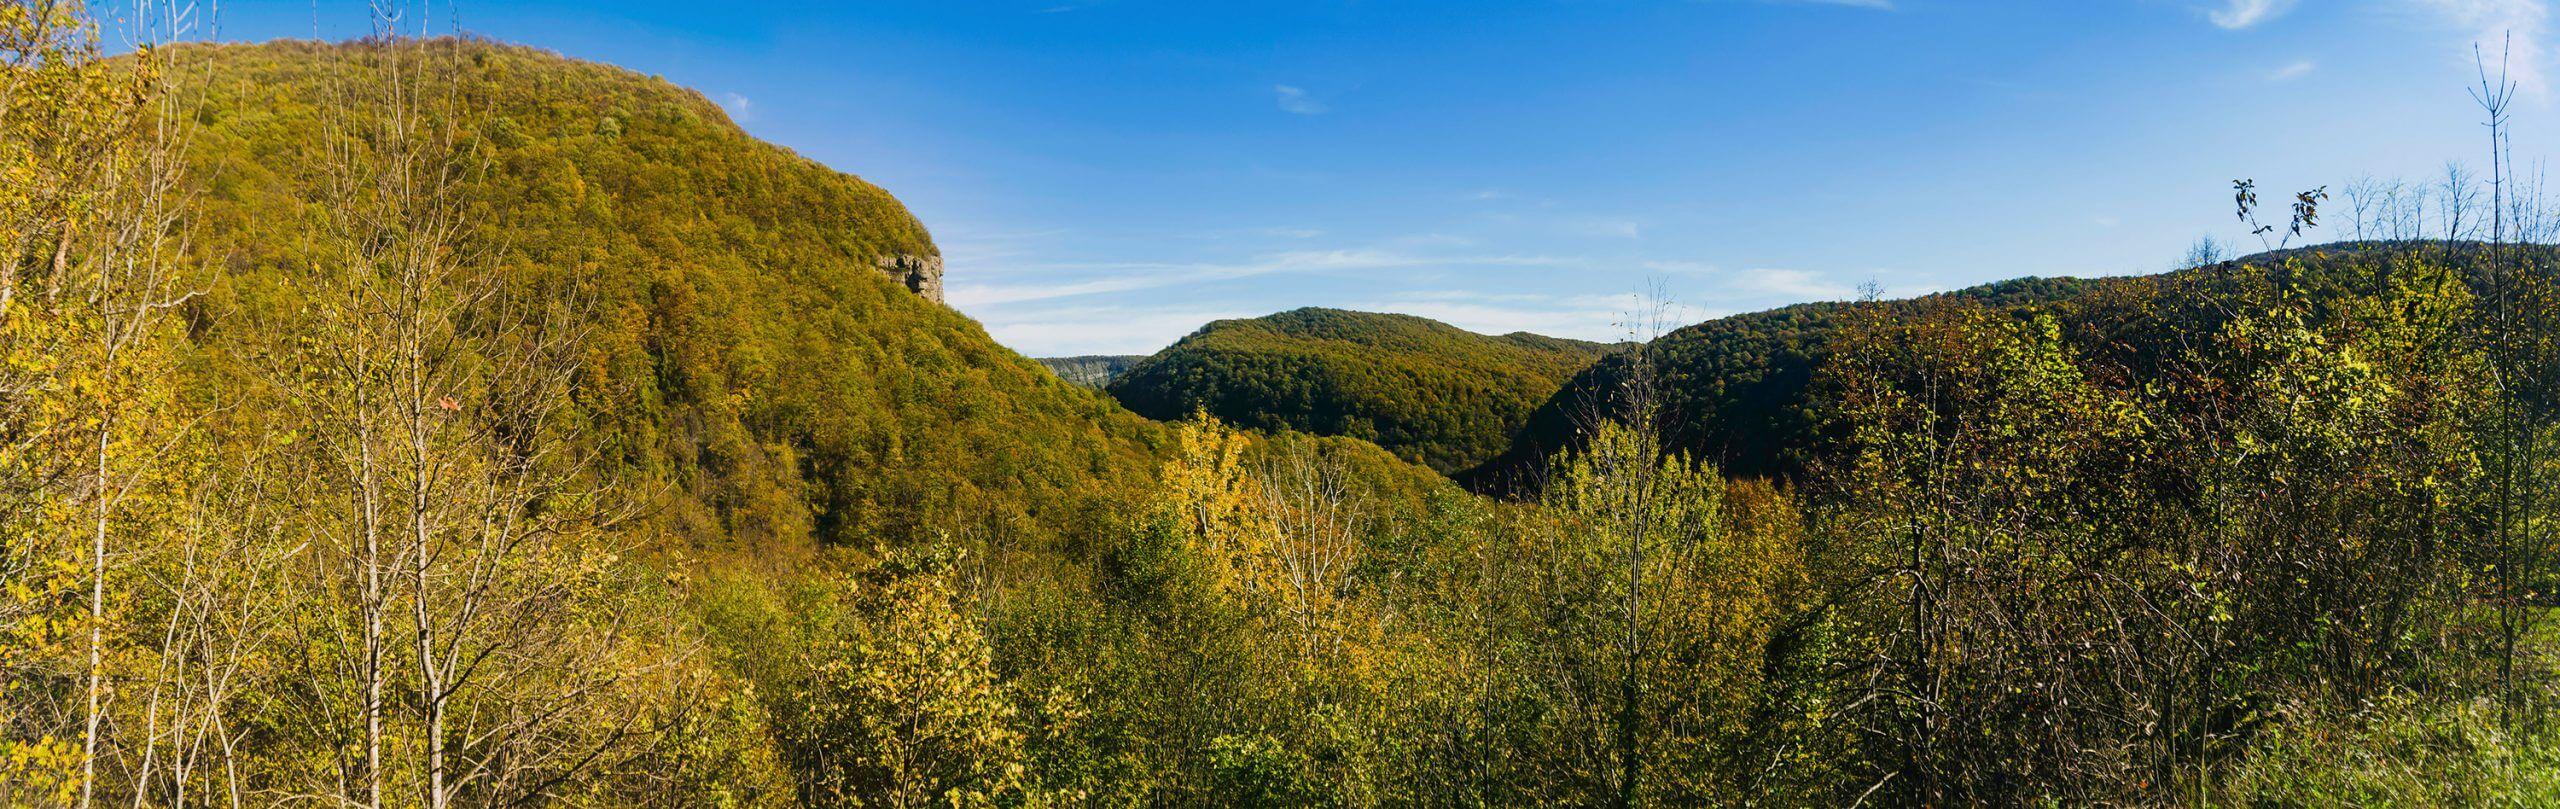 Панорама на гору Нависла